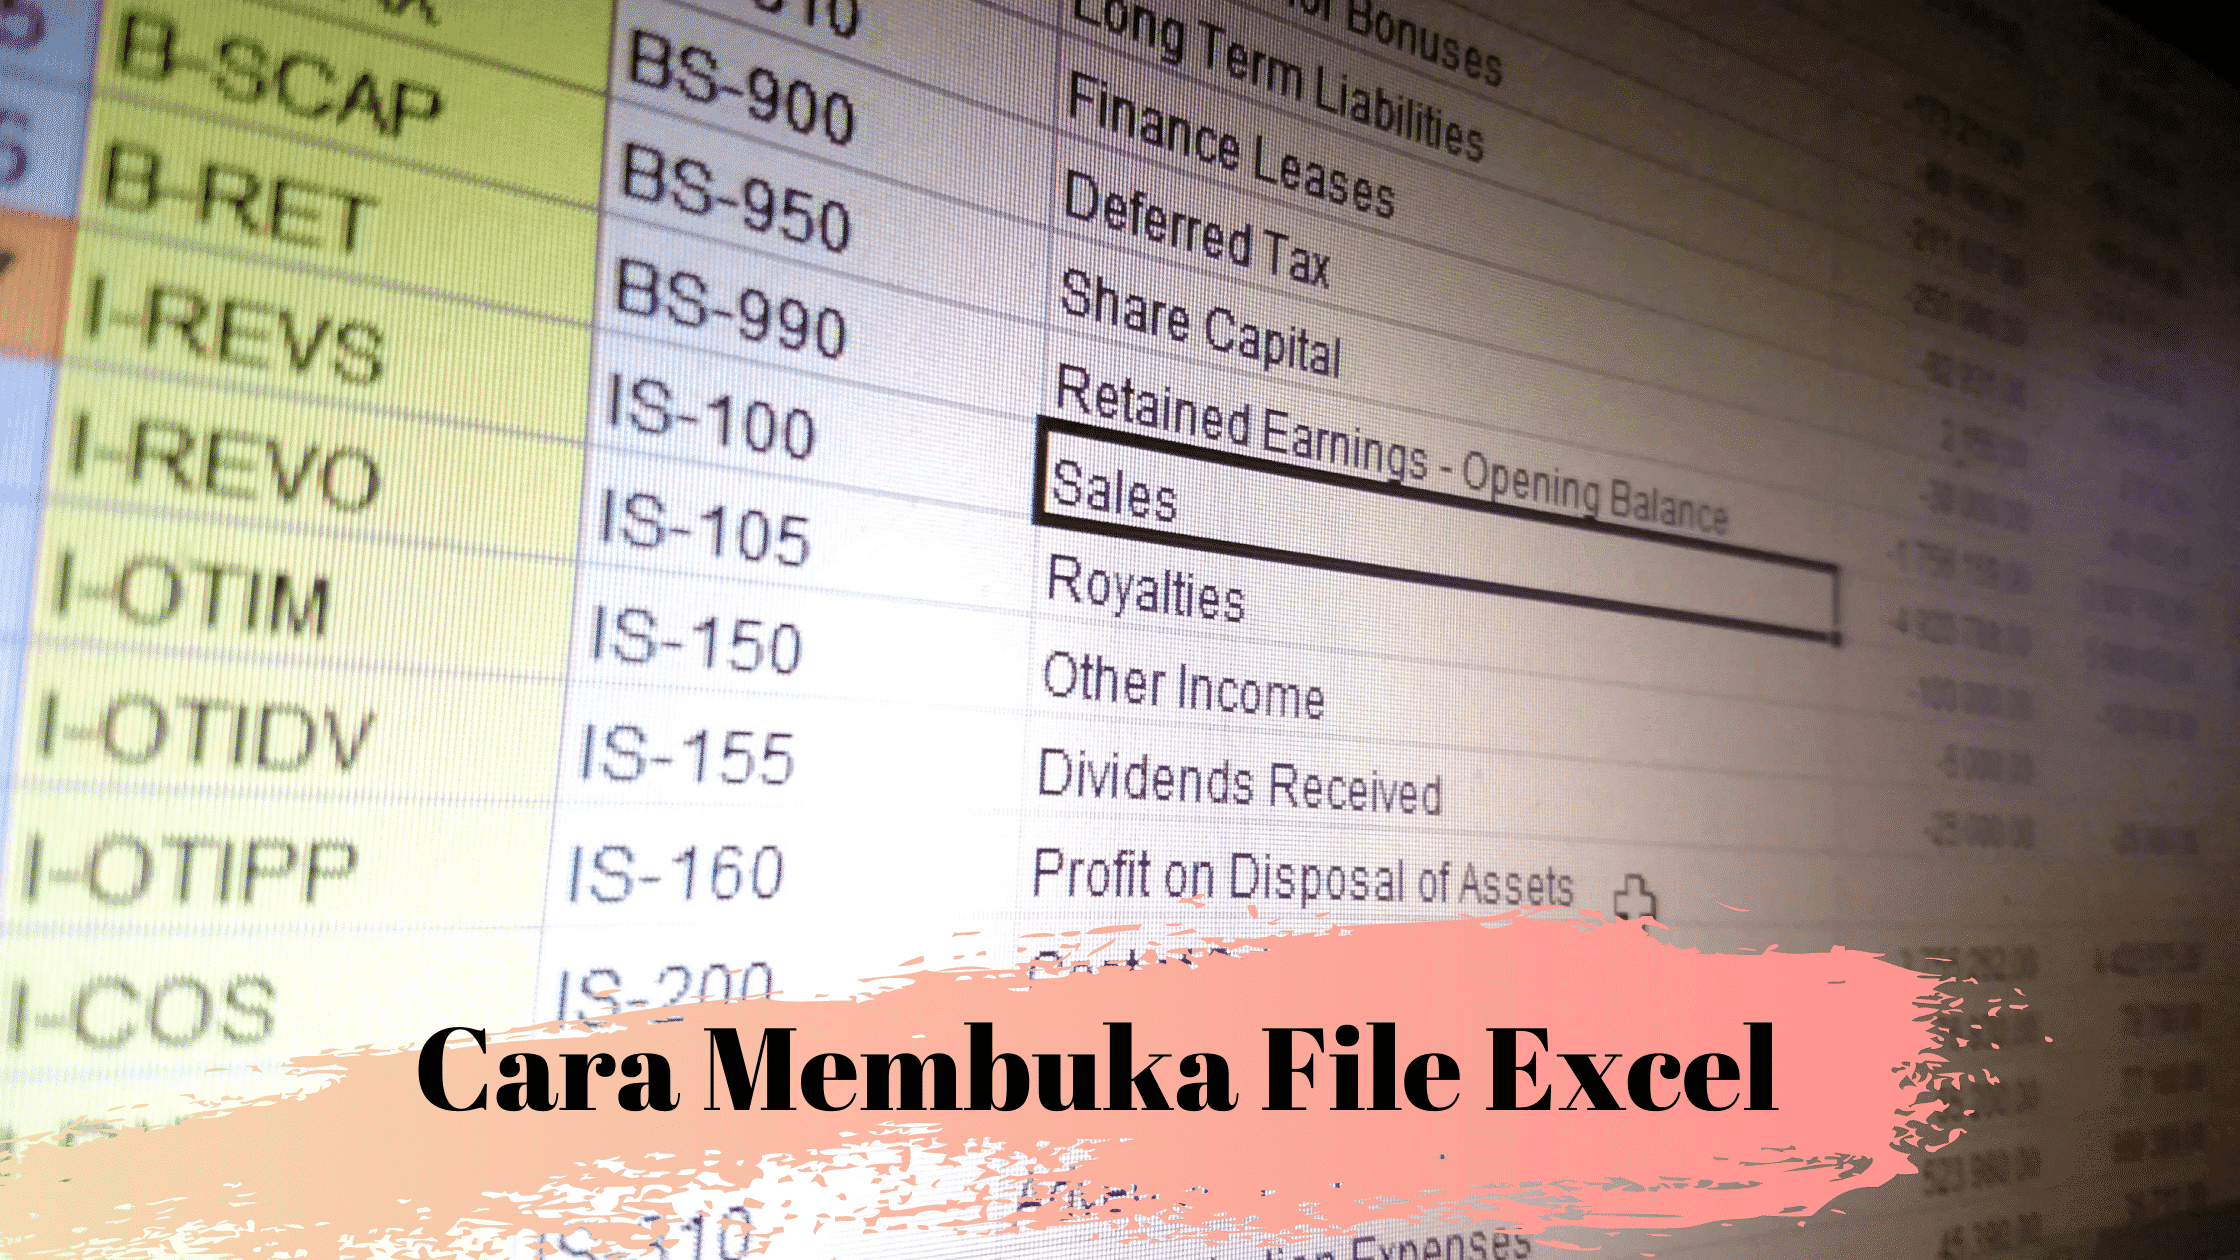 Cara Membuka File Excel